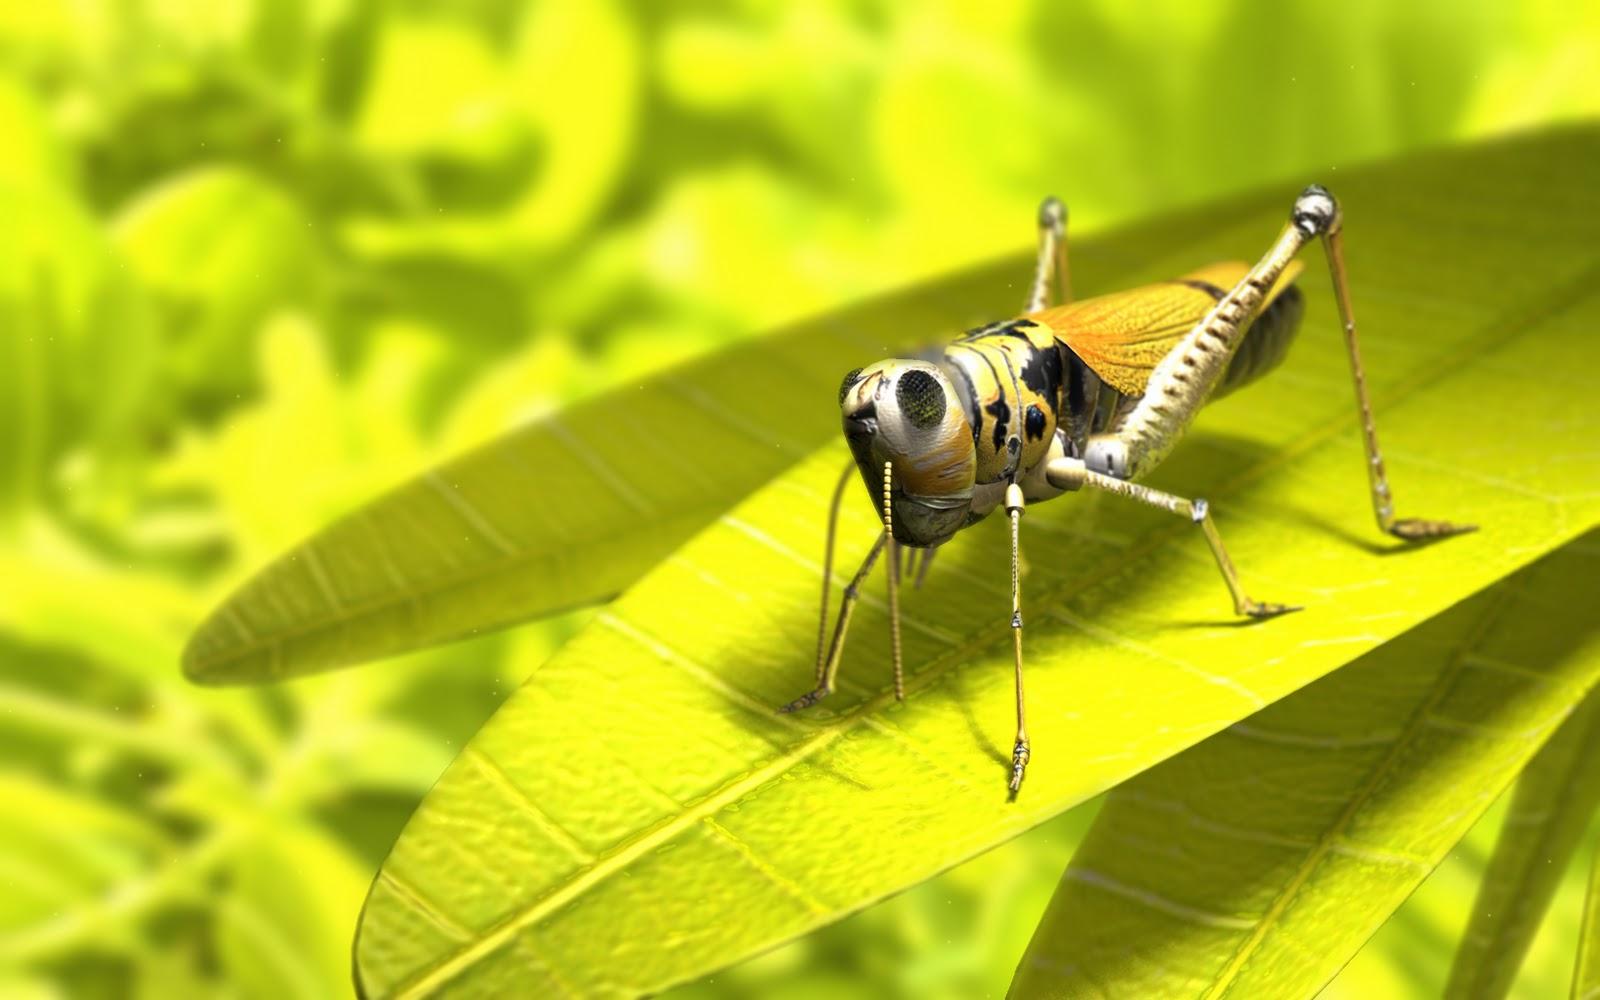 http://1.bp.blogspot.com/-6qu3HkiPc-4/TqwKMJoEvyI/AAAAAAAADm0/uv8Usnhk1EU/s1600/wallpaper_grasshopper.jpg